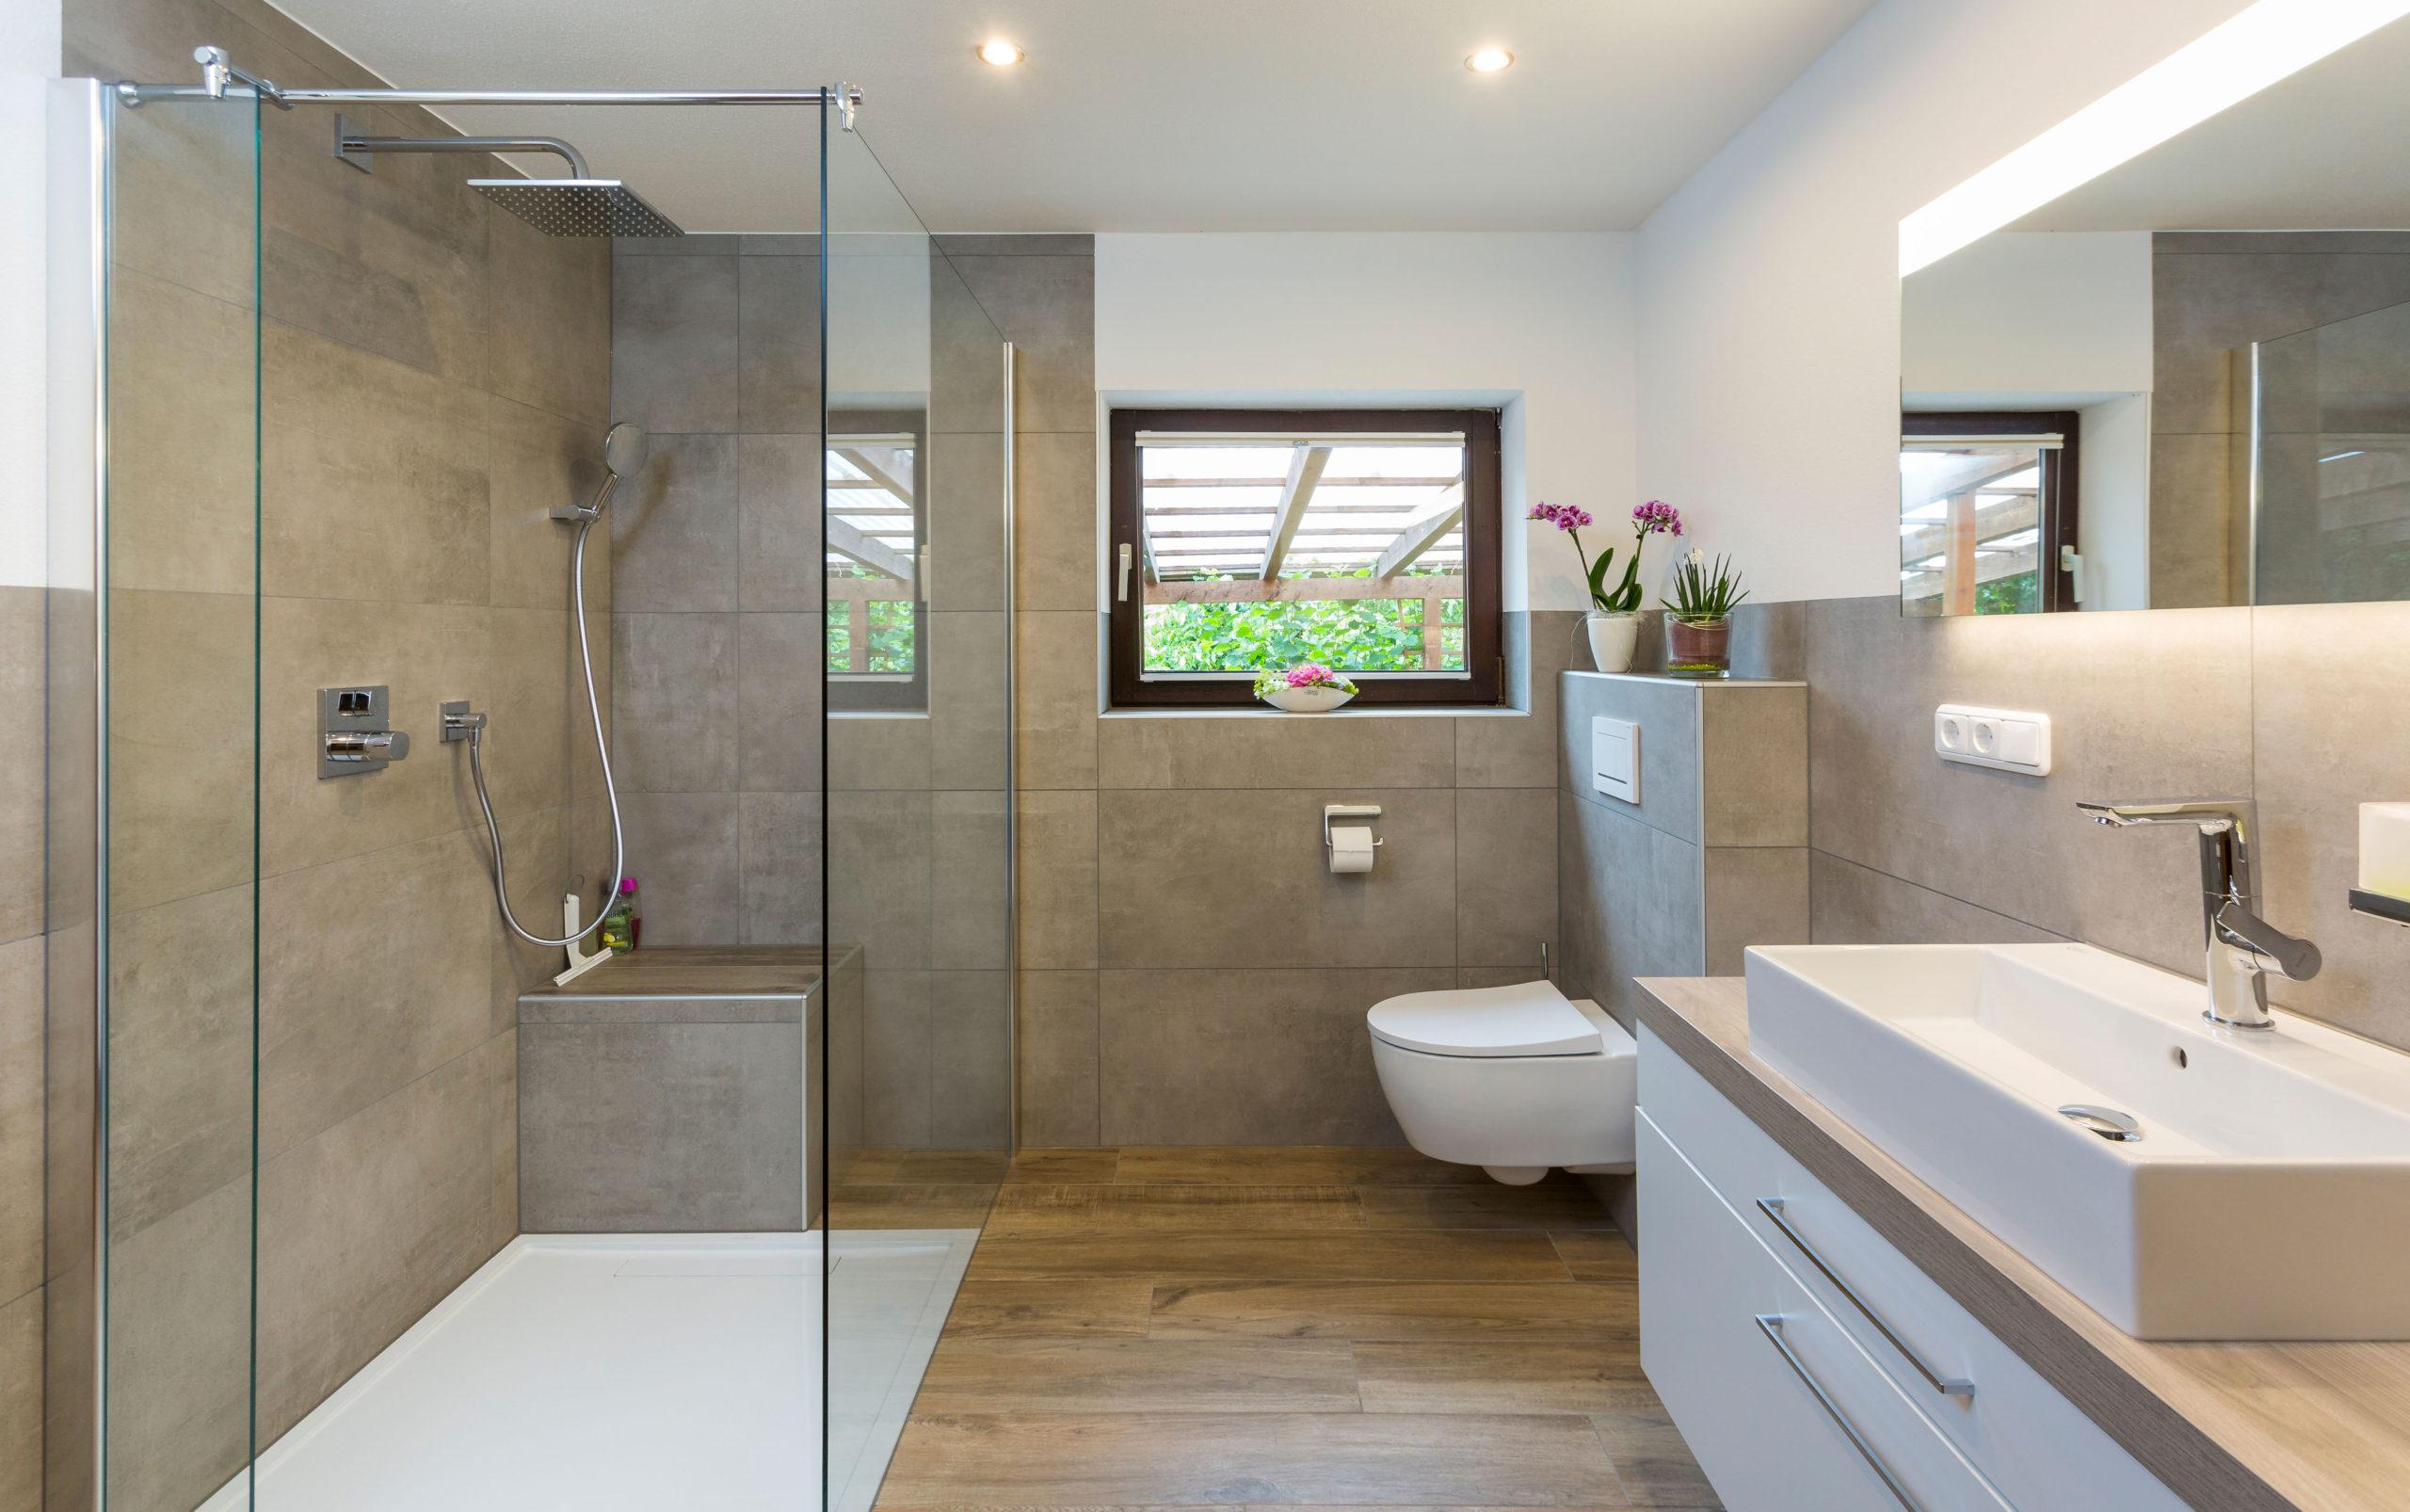 Badezimmer frisch nach dem modernisieren